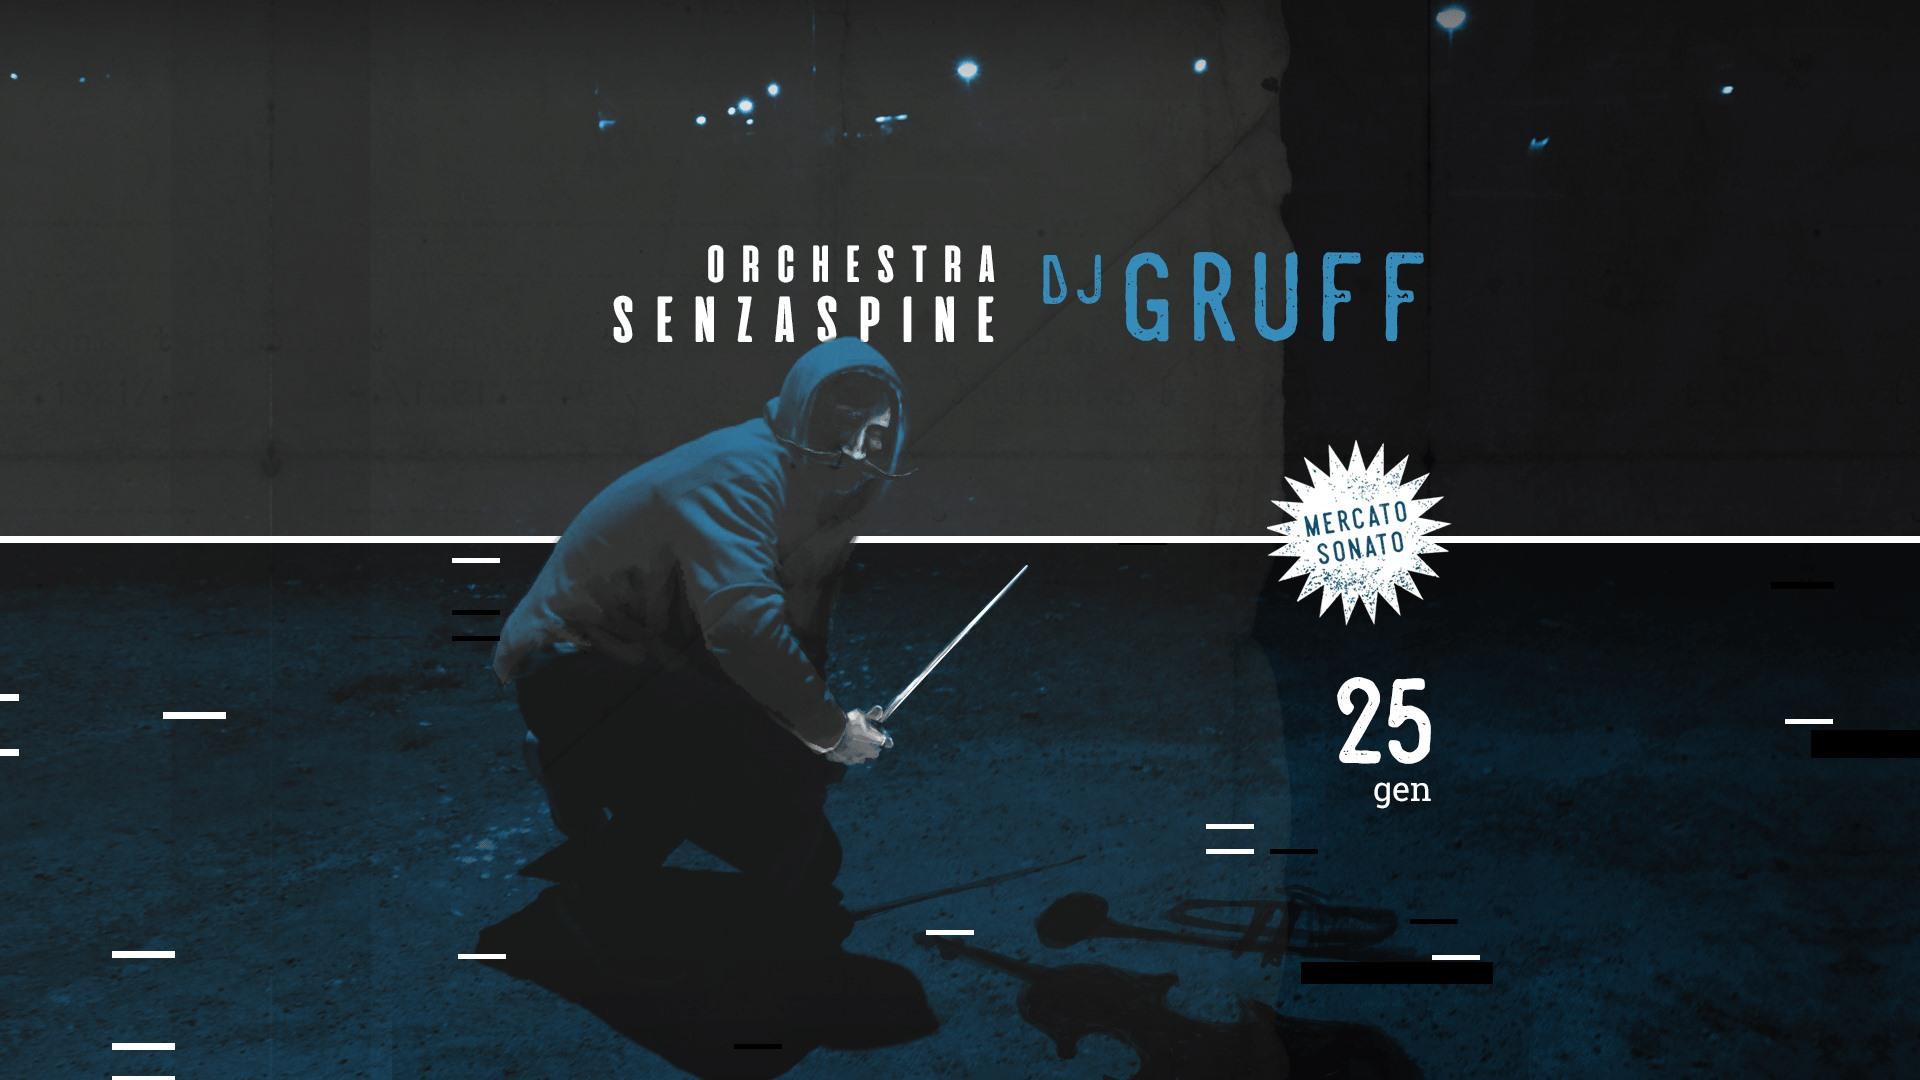 2020-01-25 DJ Gruff Bologna Mercato Sonato 2019